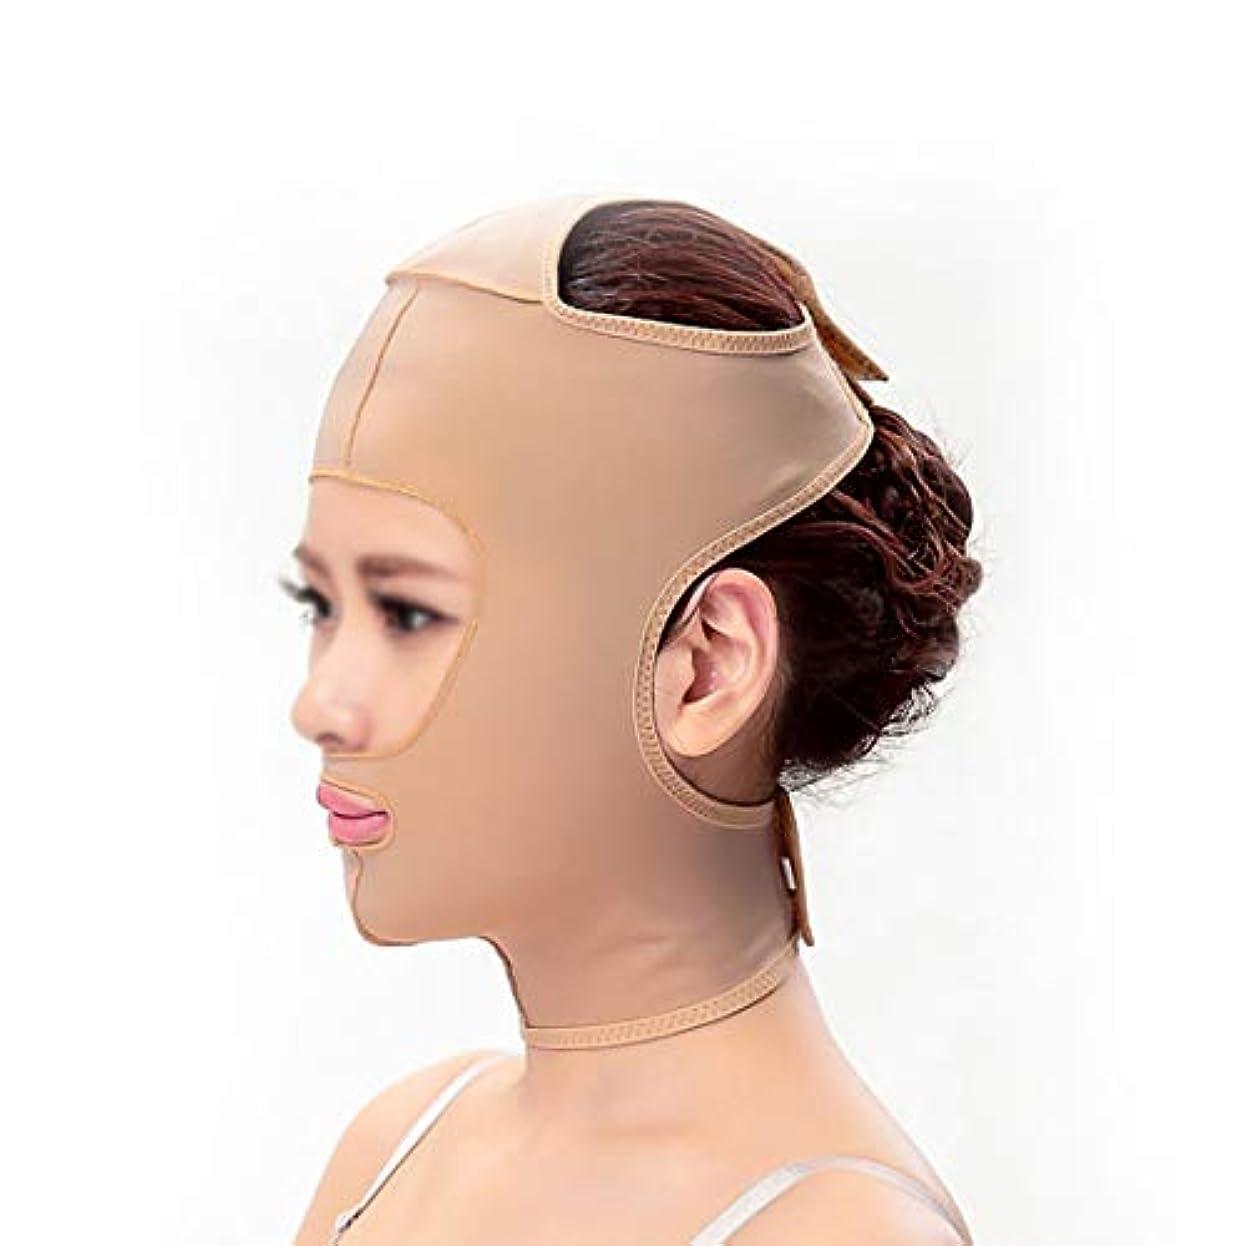 卑しい散歩に行く知り合いになるLJK 痩身ベルト、フェイシャルマスク薄いフェイスマスクを脇に持ち上げる二重あご引き締め顔面プラスチックフェイスアーティファクト強力なフェイス包帯 (Size : M)